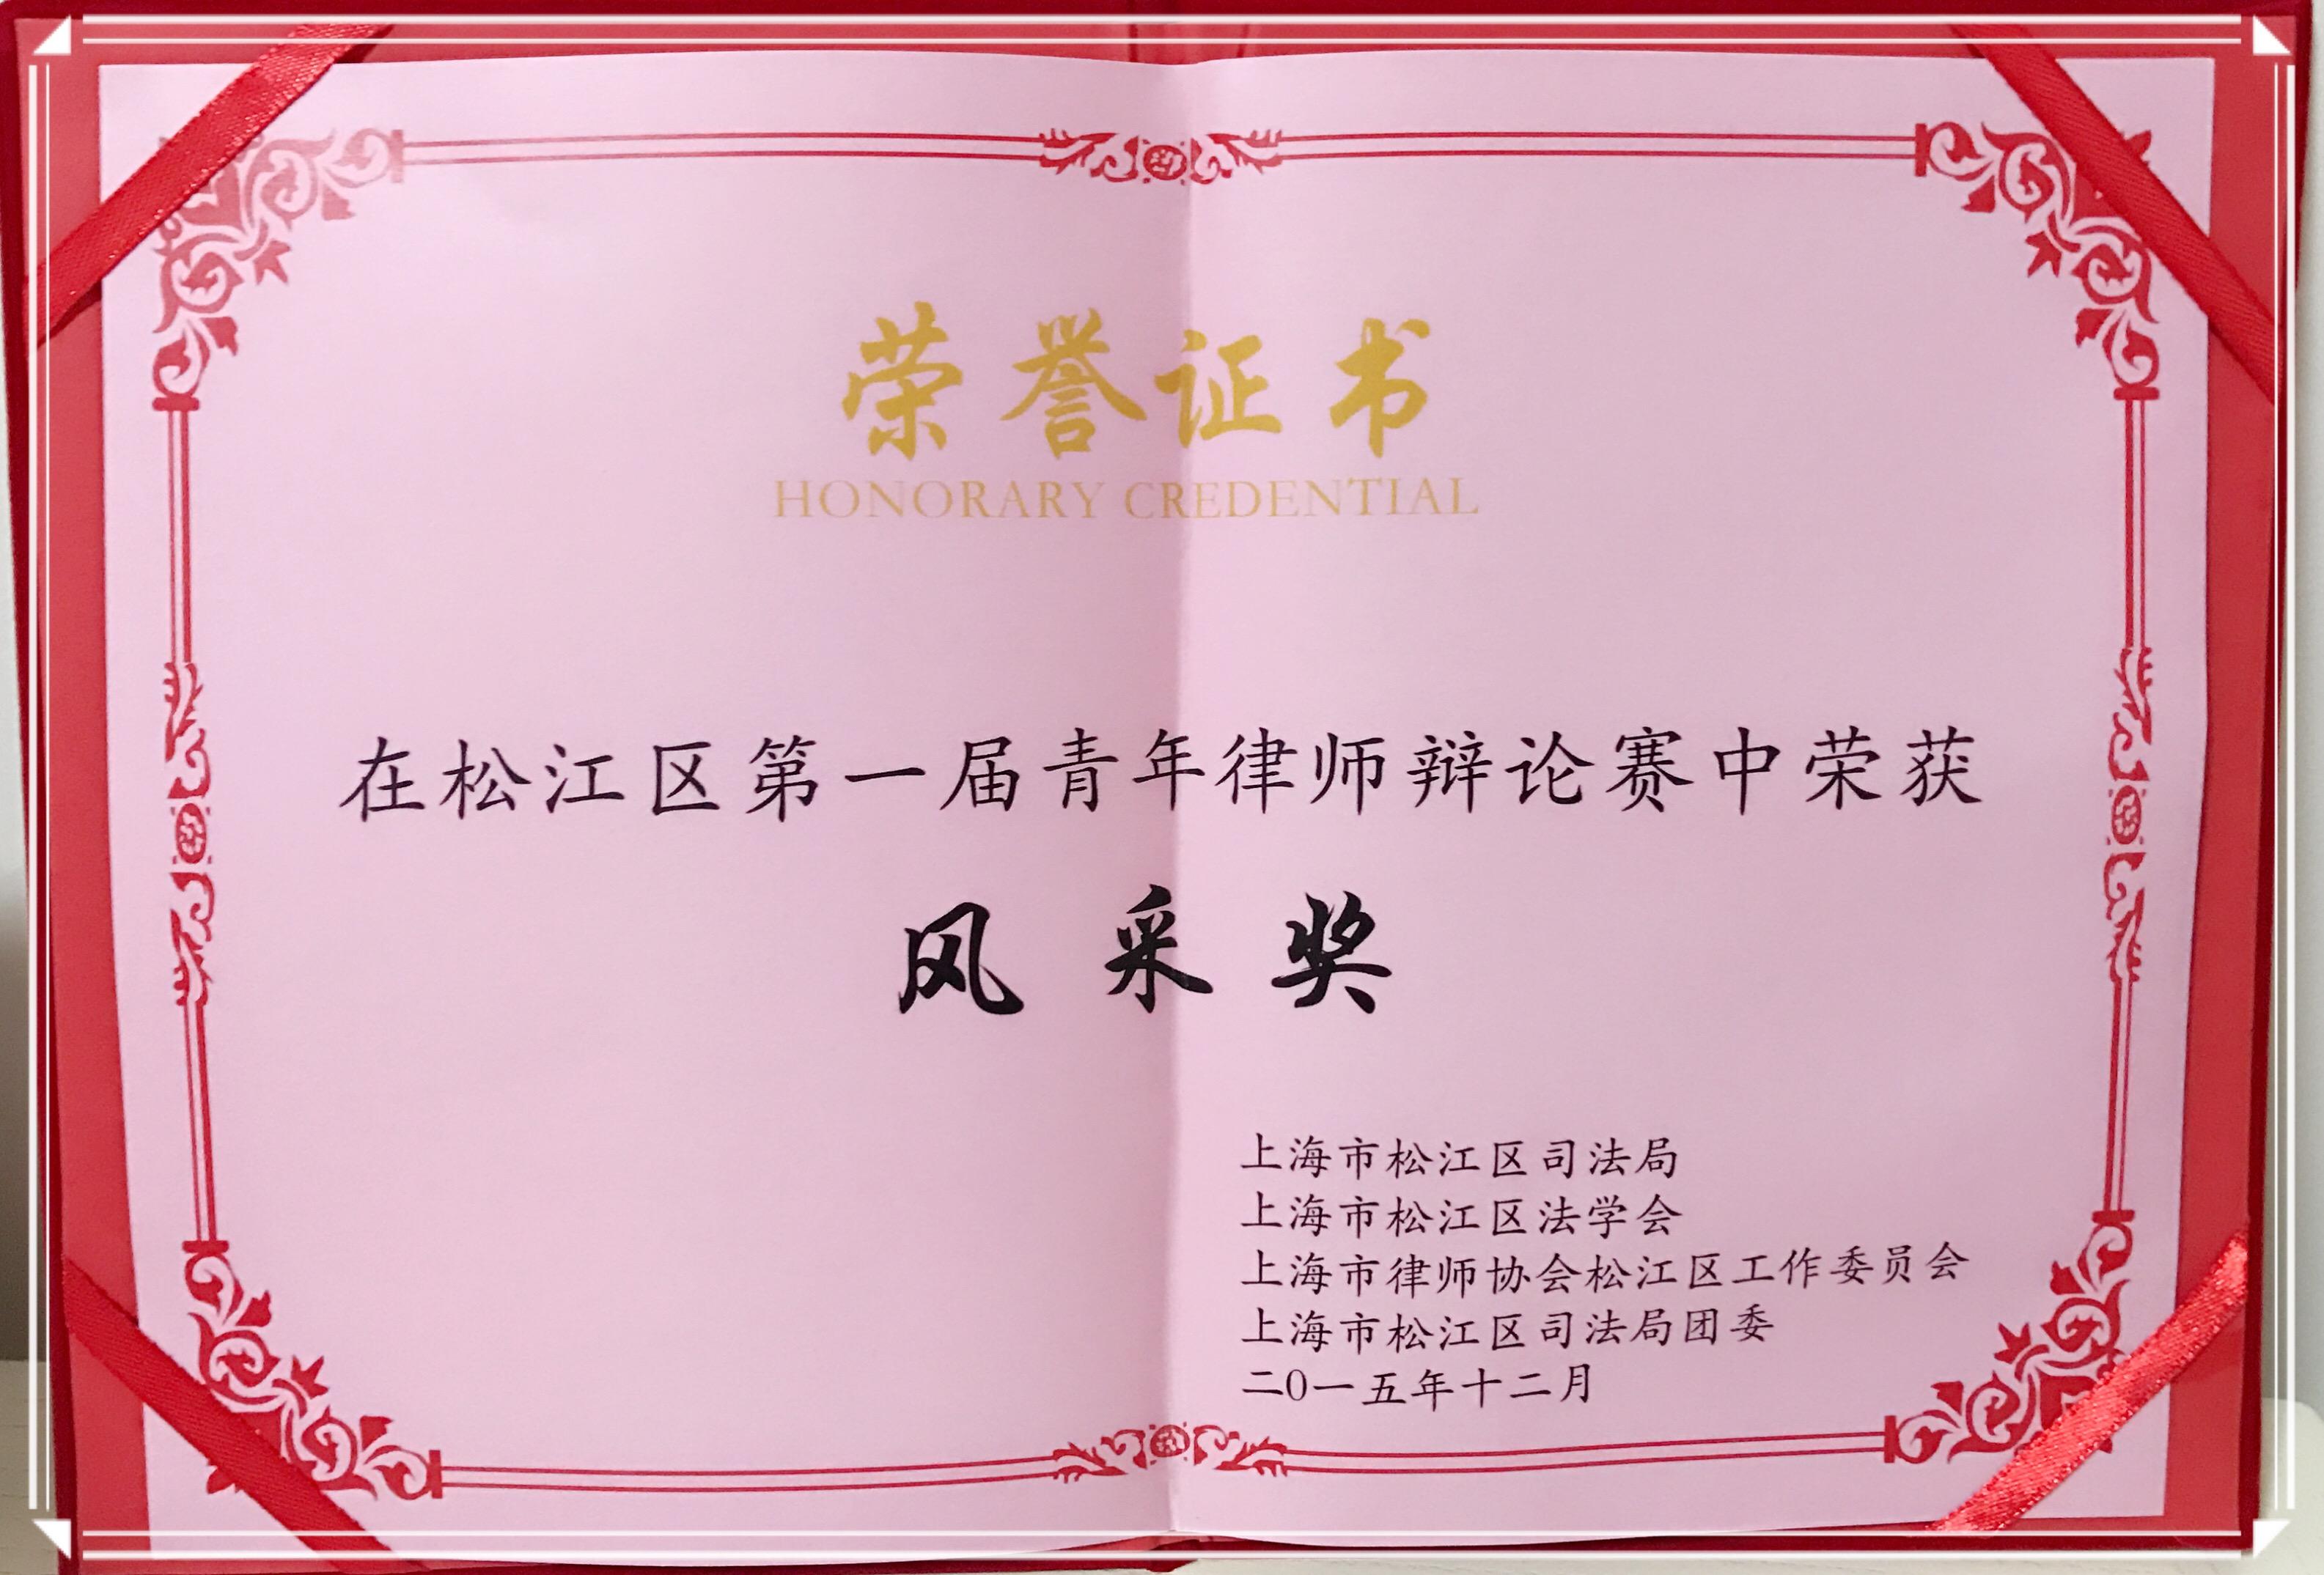 """张静律师荣获松江区第一届青年律师辩论赛""""最佳风采奖"""""""